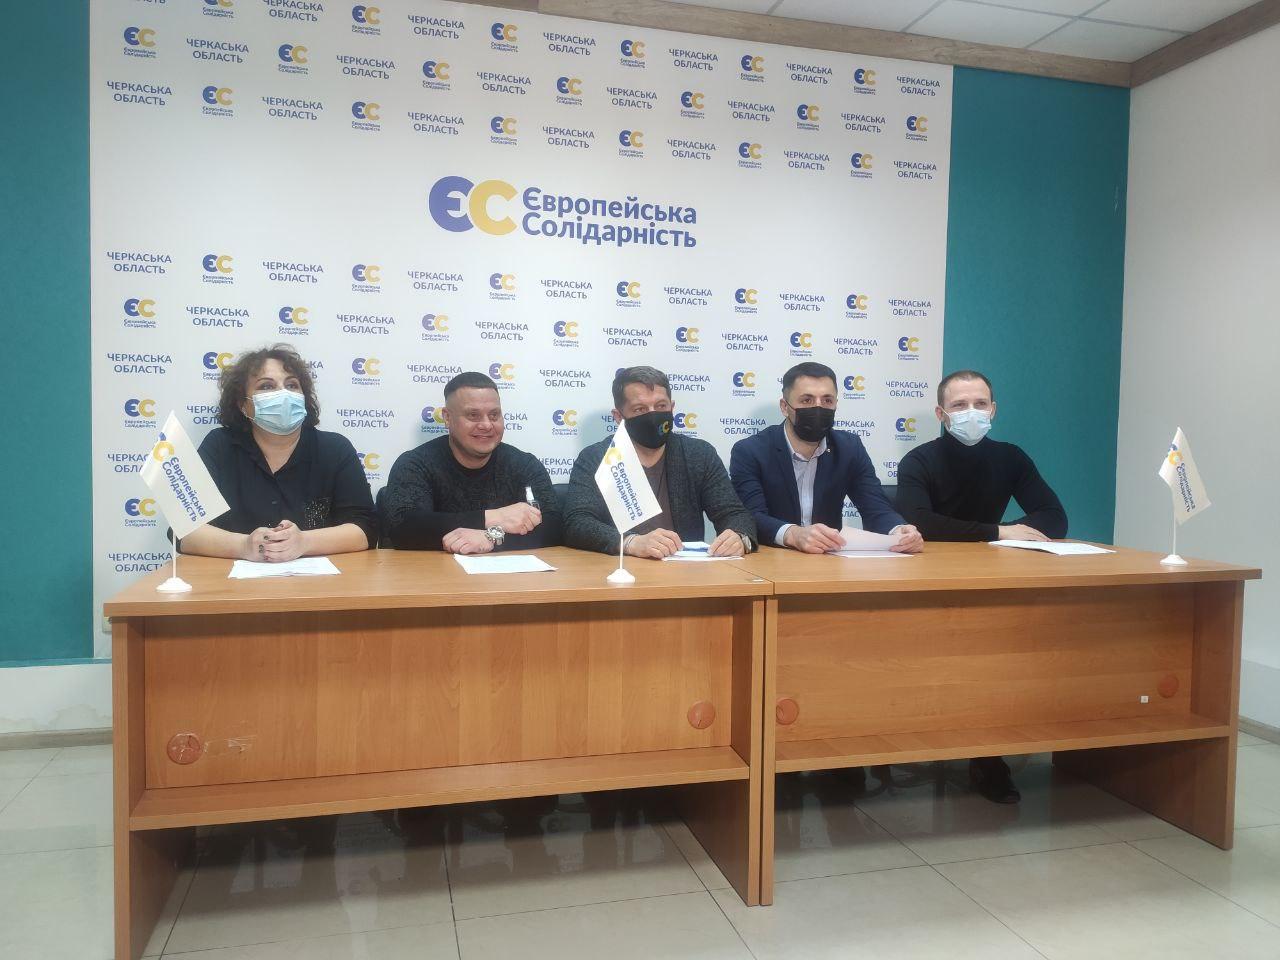 Команда «Європейської Солідарності» у Черкасах підбила підсумки роботи президента Зеленського